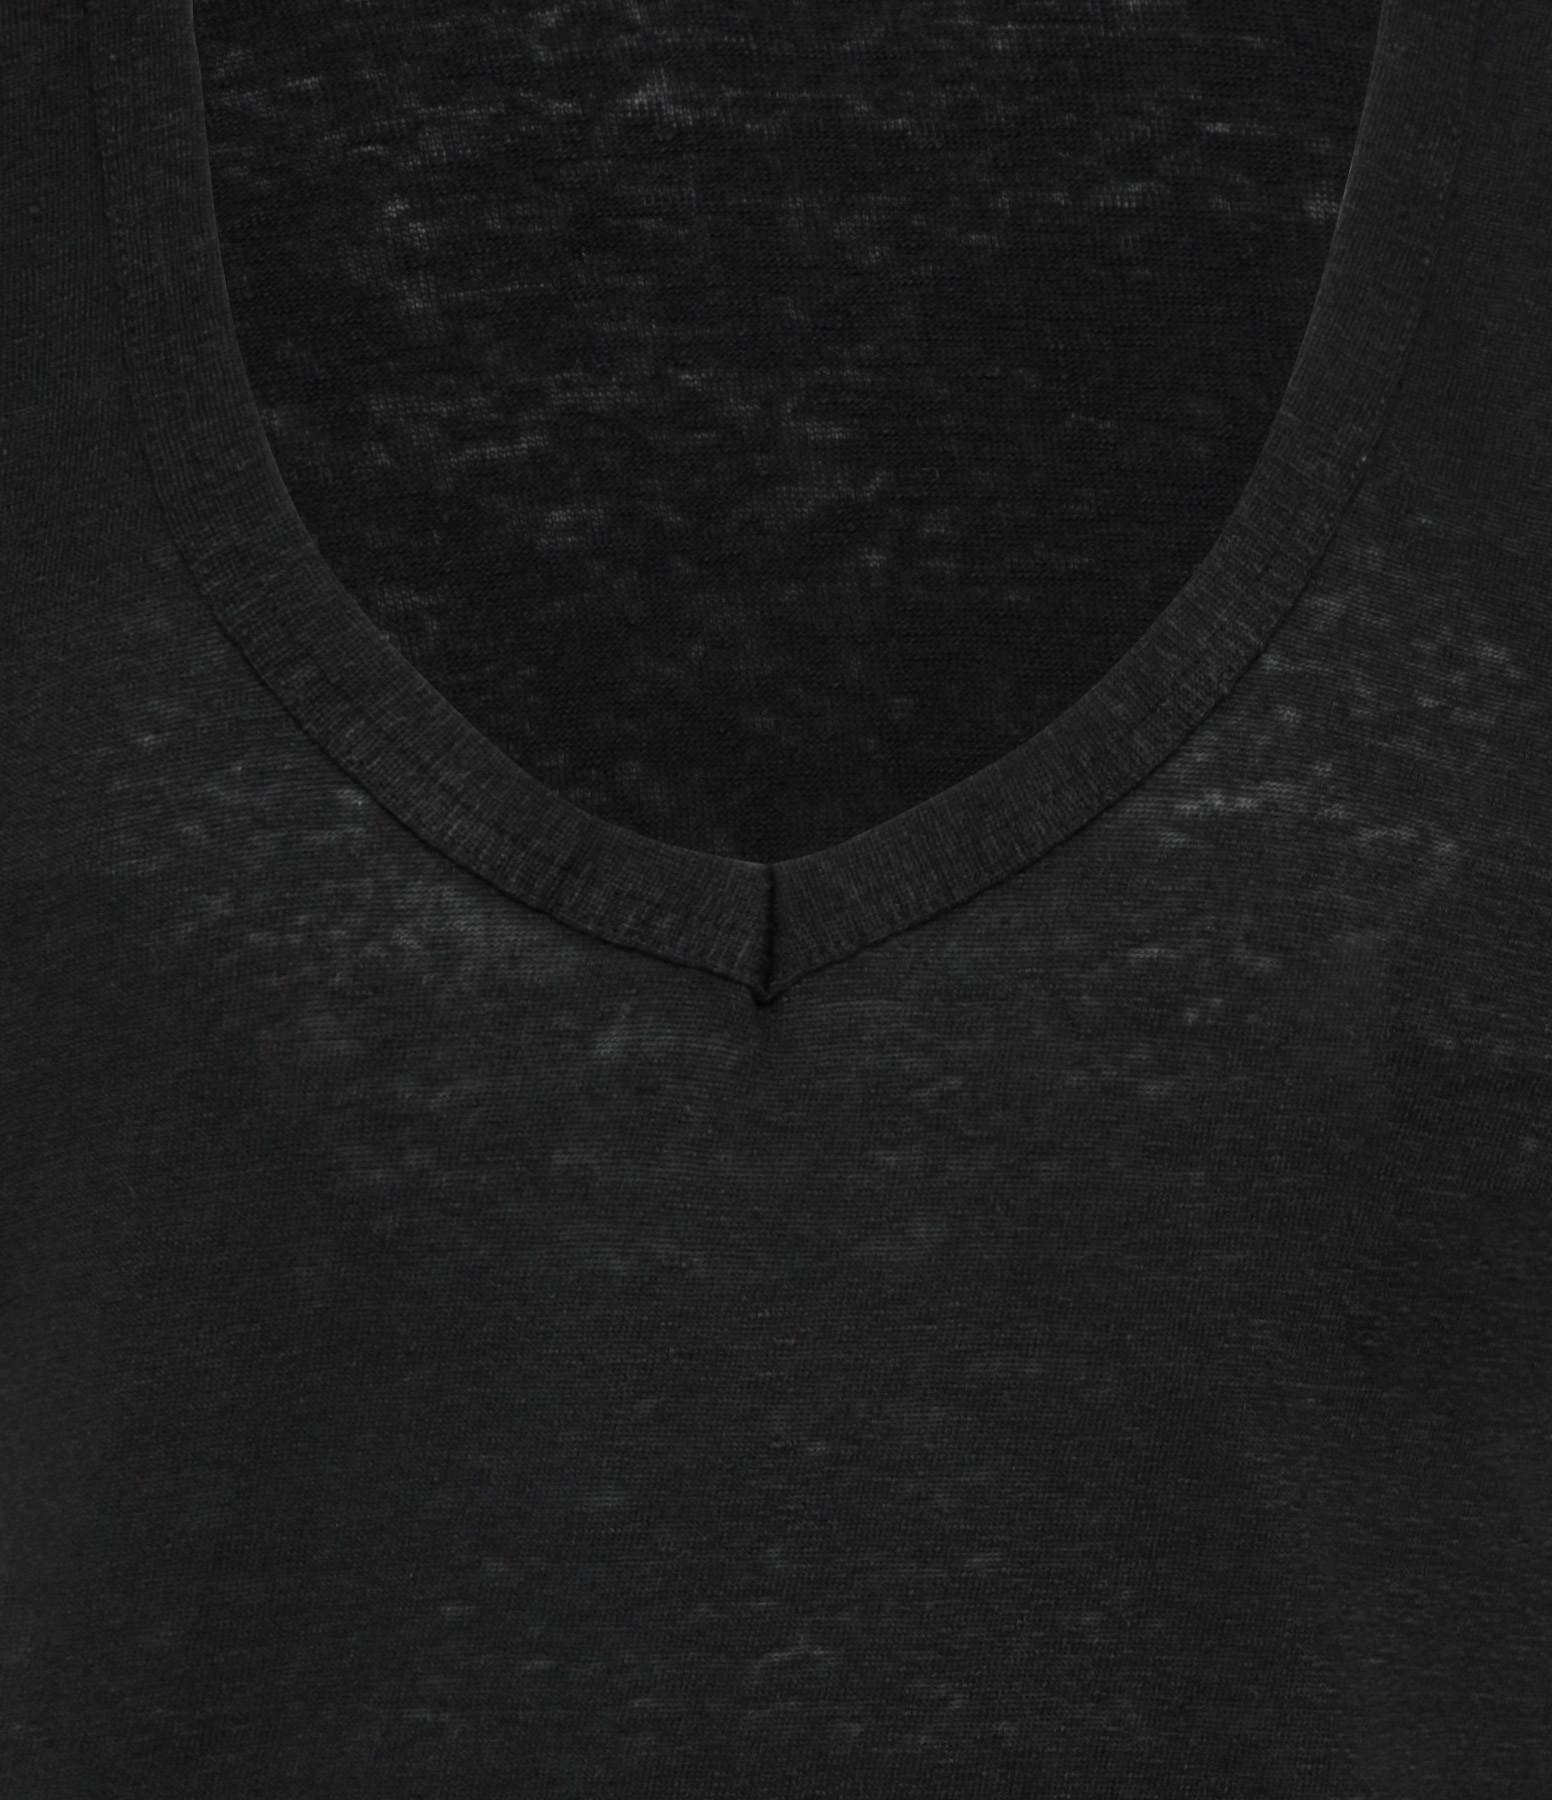 ISABEL MARANT ÉTOILE - Tee-shirt Zankou Lin Noir